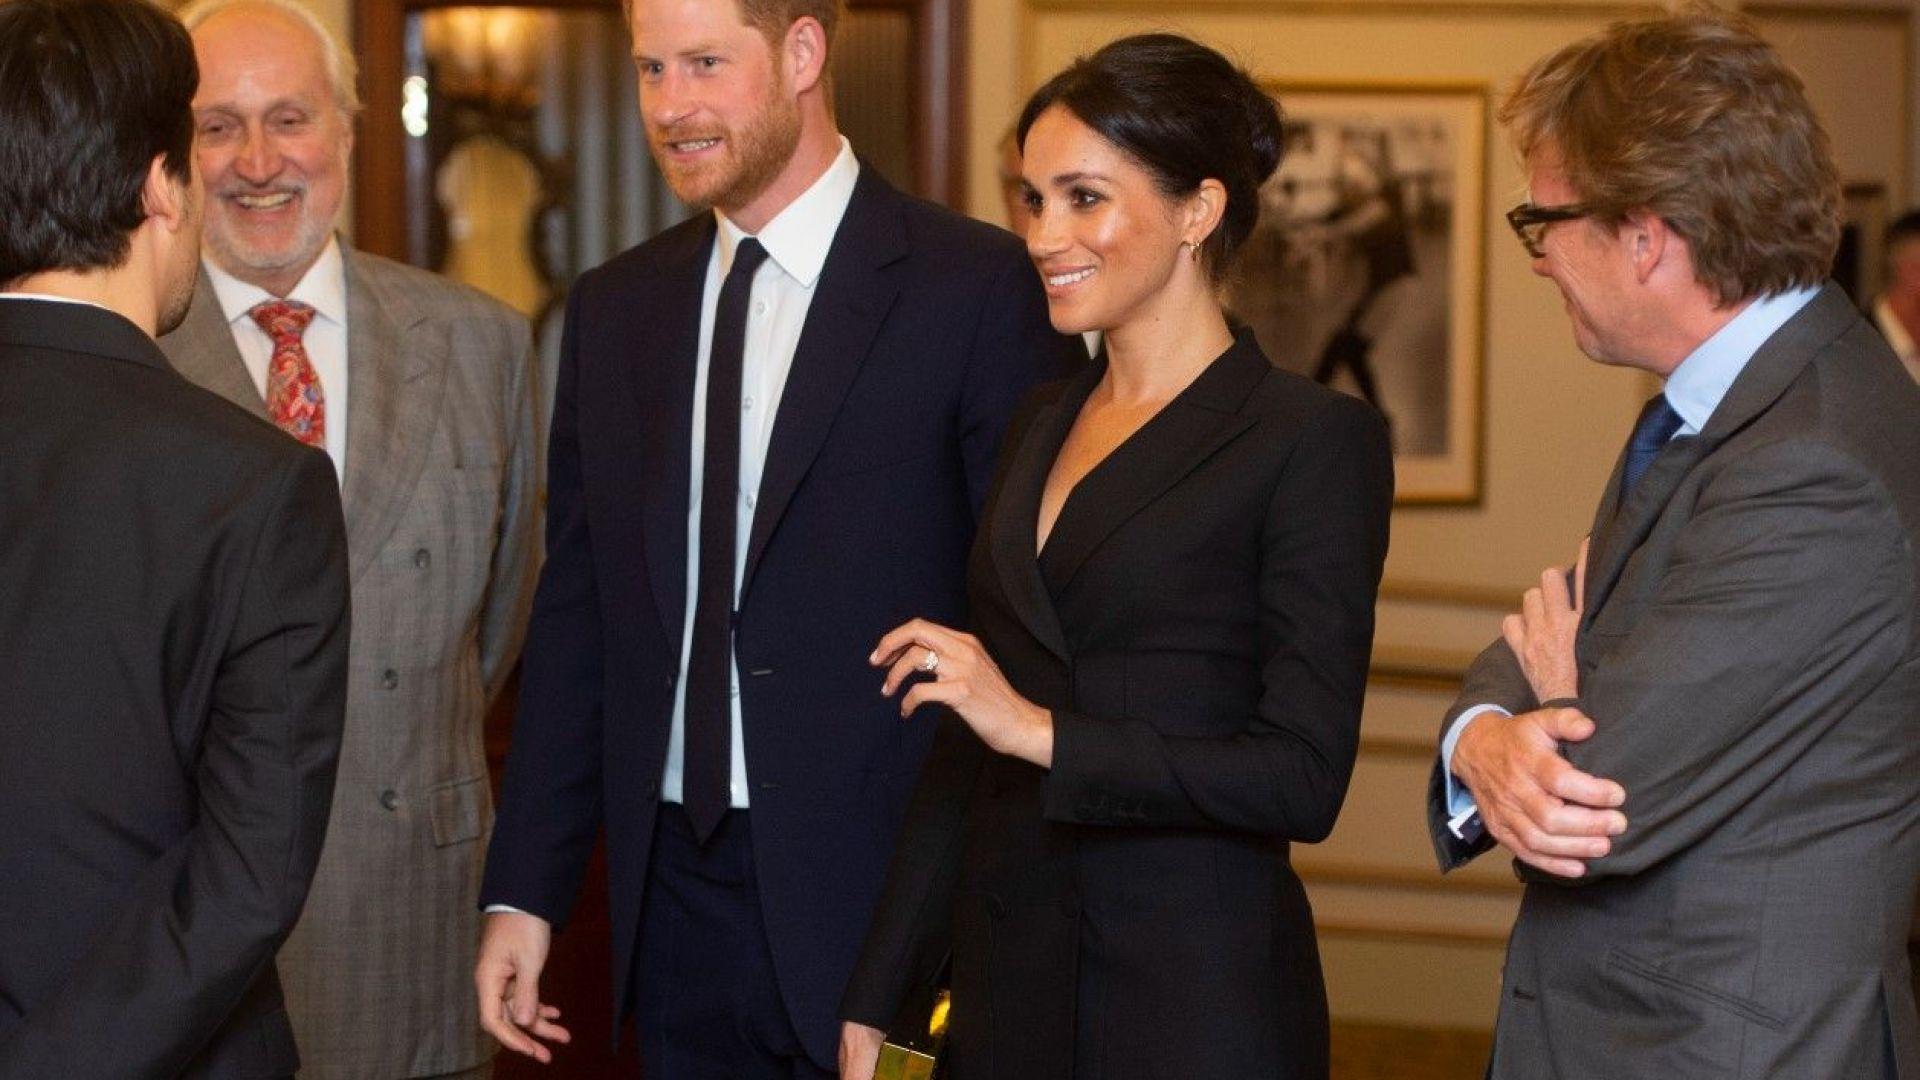 Меган с най-късата рокля, откакто е херцогиня